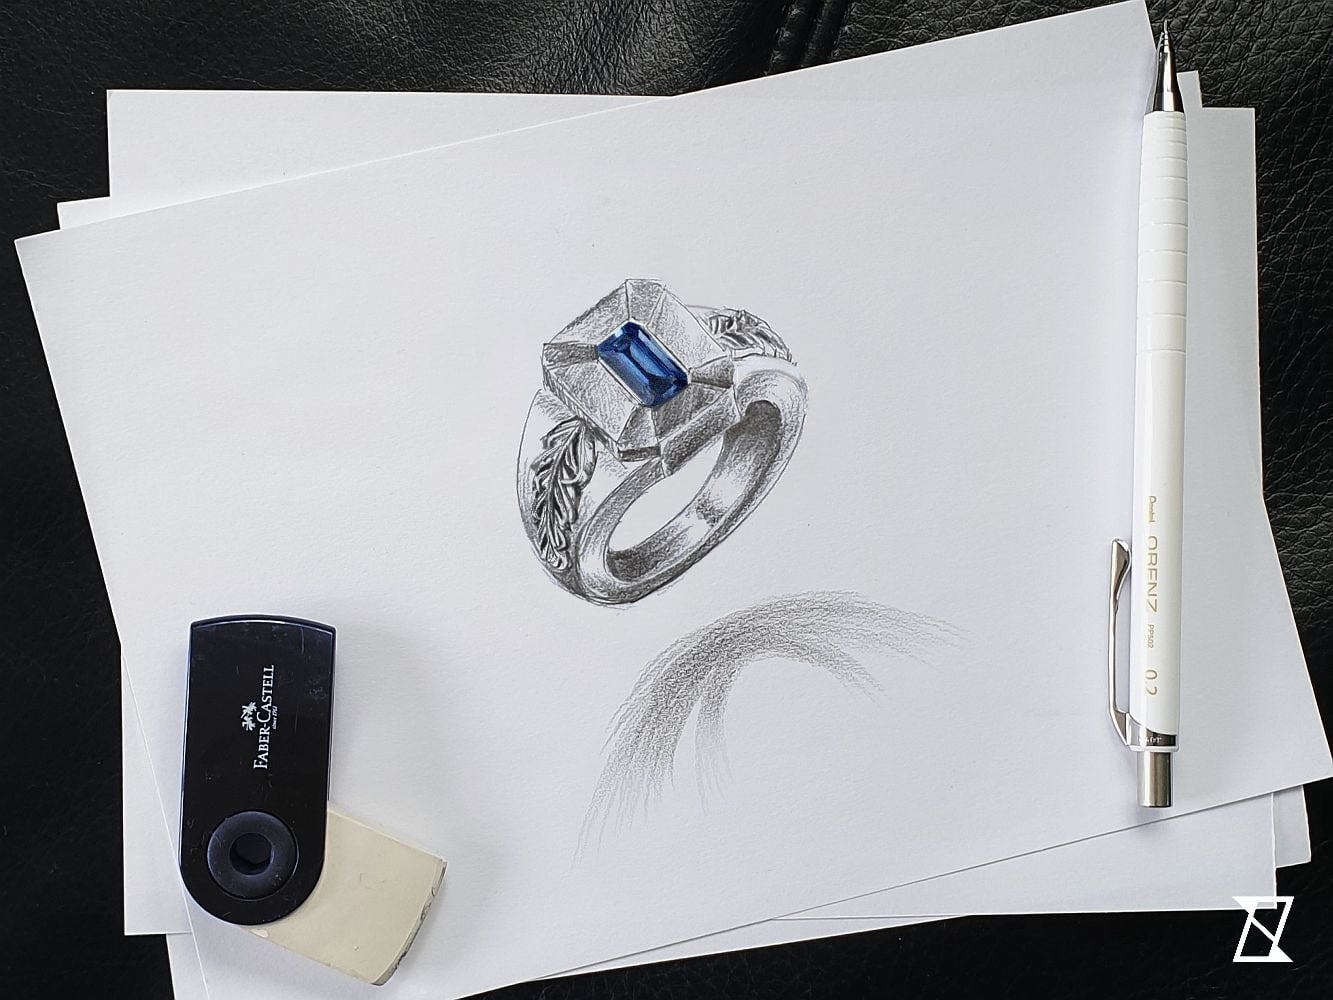 Indywidualny projekt pierścienia męskiego w perspektywie.